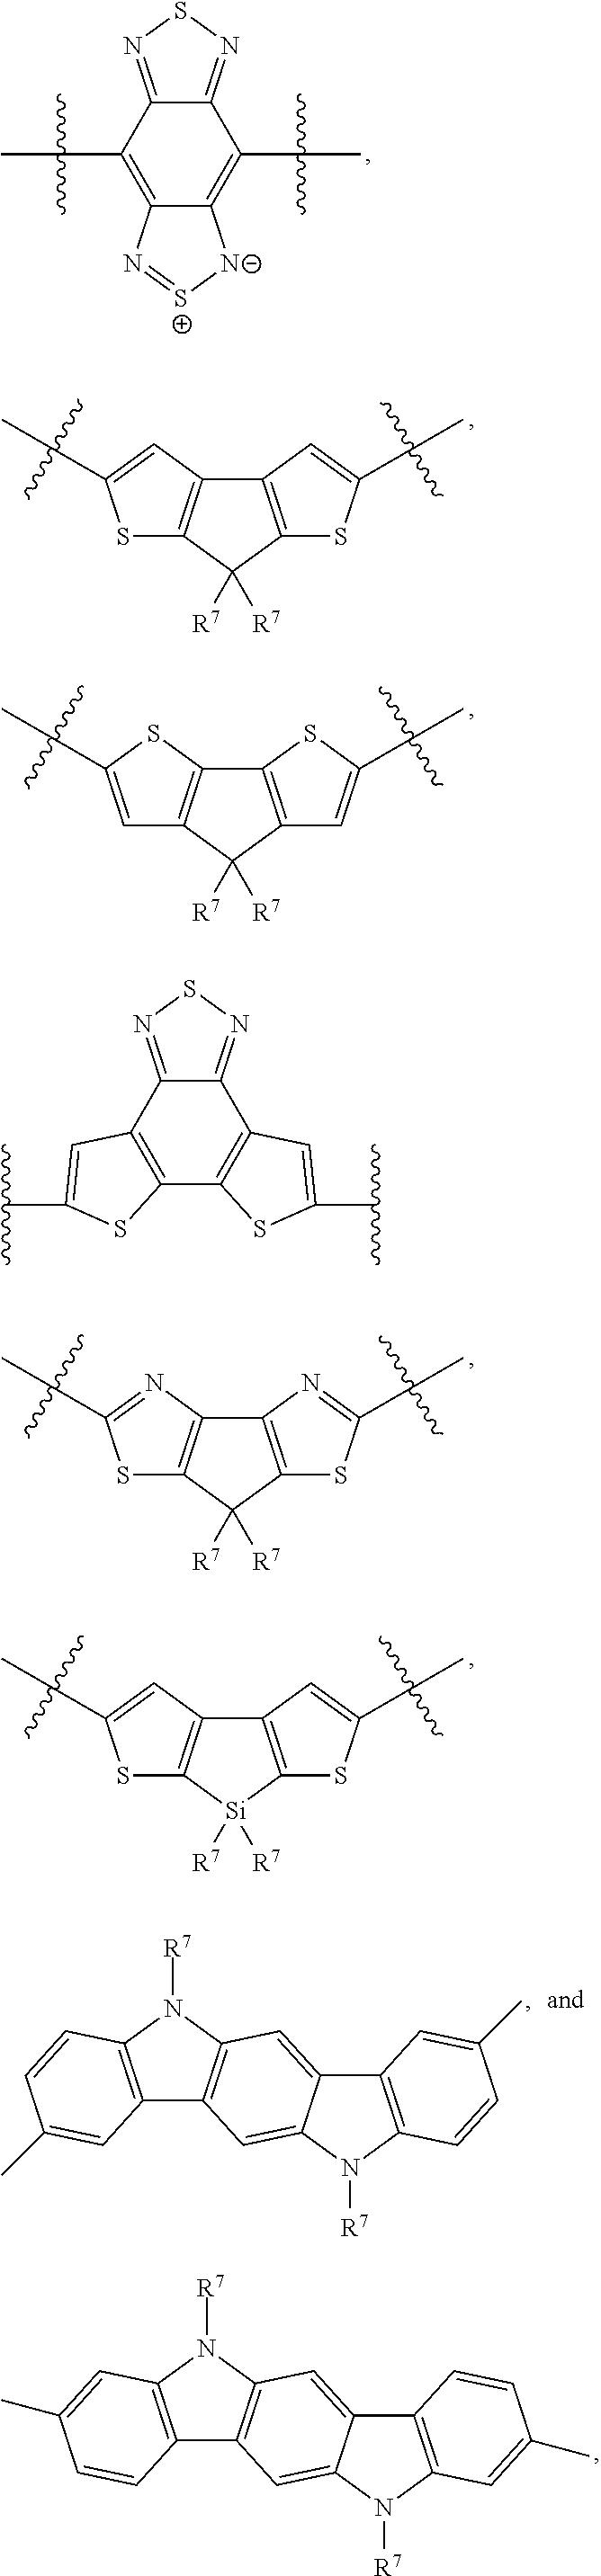 Figure US08329855-20121211-C00085